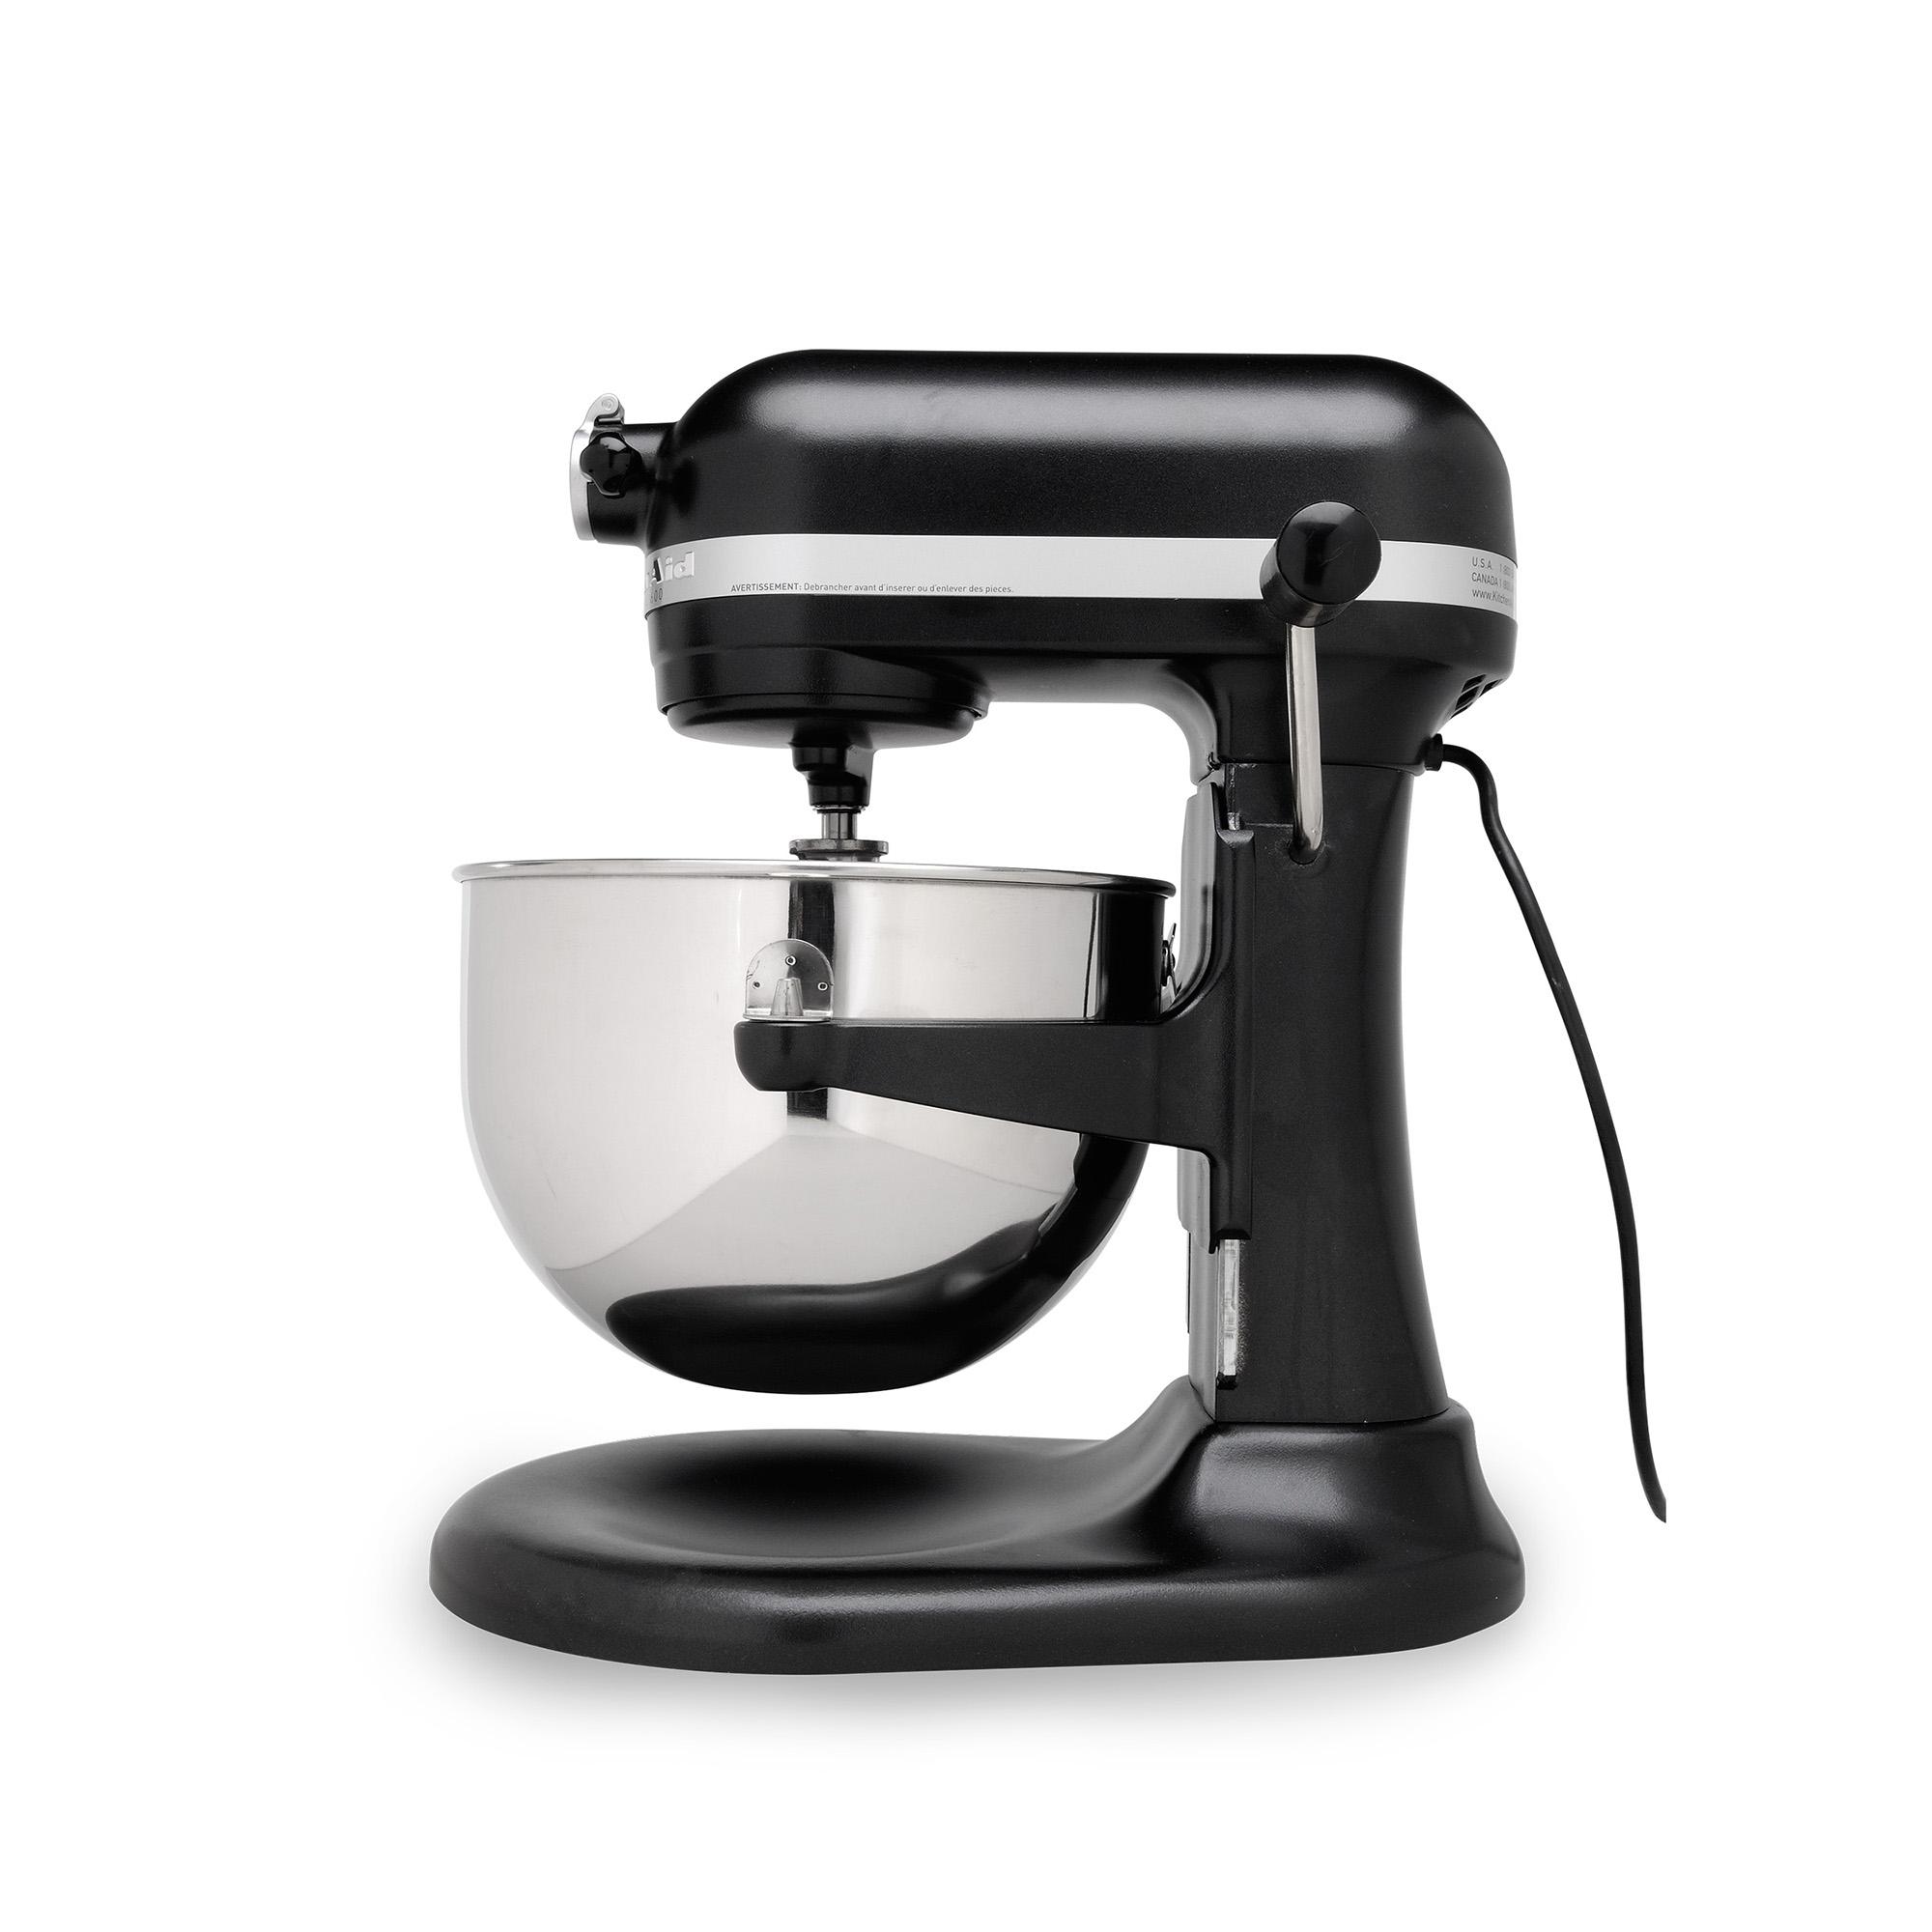 Kitchenaid Professional Kp26m1x 6qt Artisan Metal Stand Mixer 10 Speed Bowl Lift Ebay